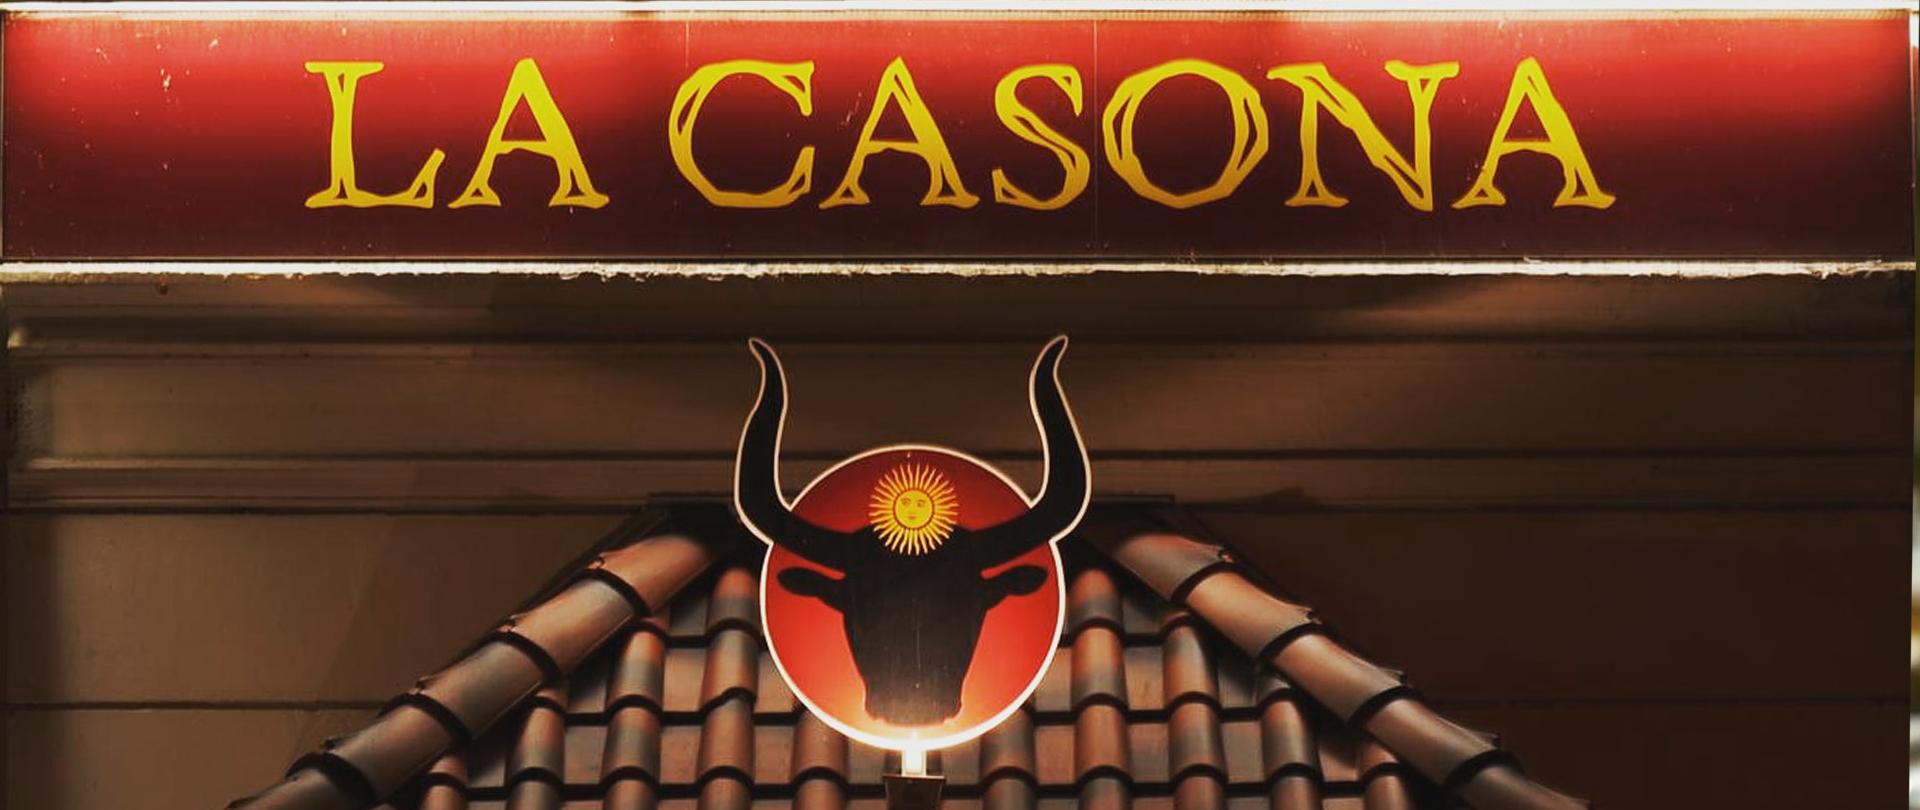 LaCasona